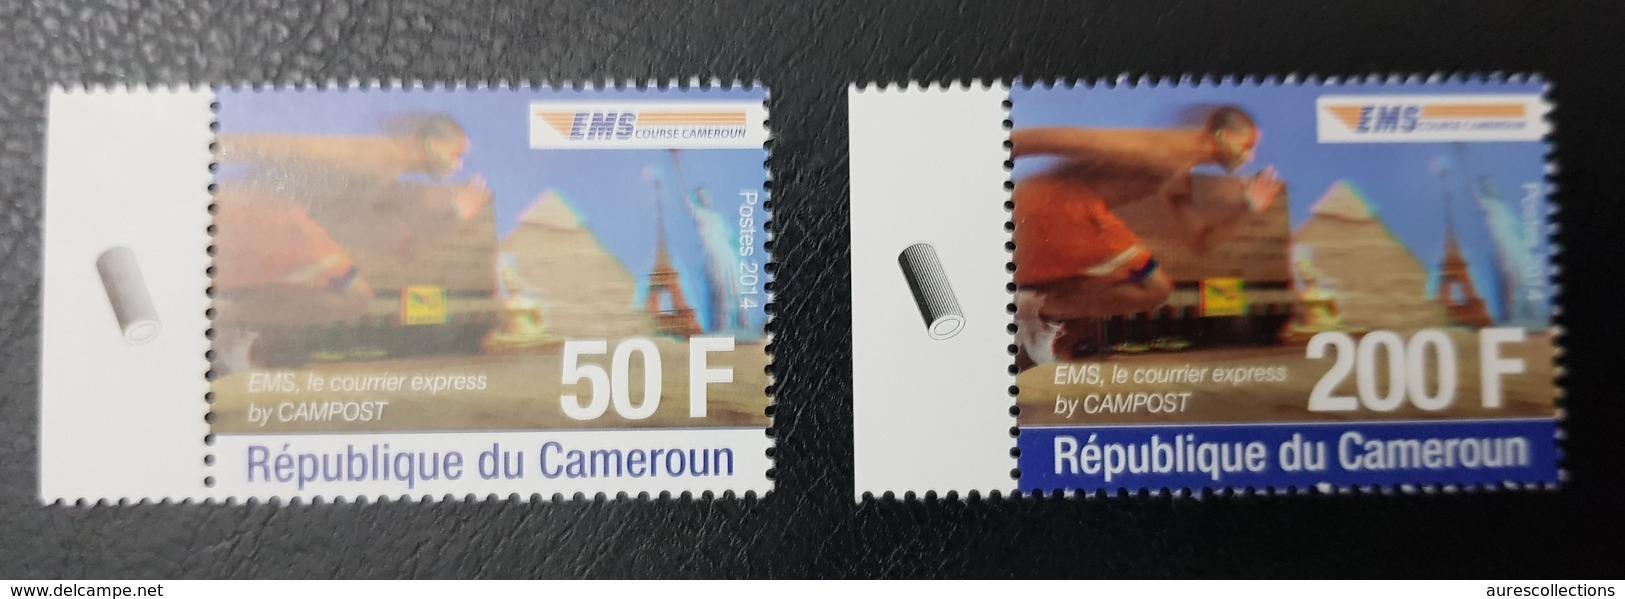 CAMEROUN CAMEROON 2014 EMS EXPRESS MAIL SERVICE - MNH ** - Cameroun (1960-...)